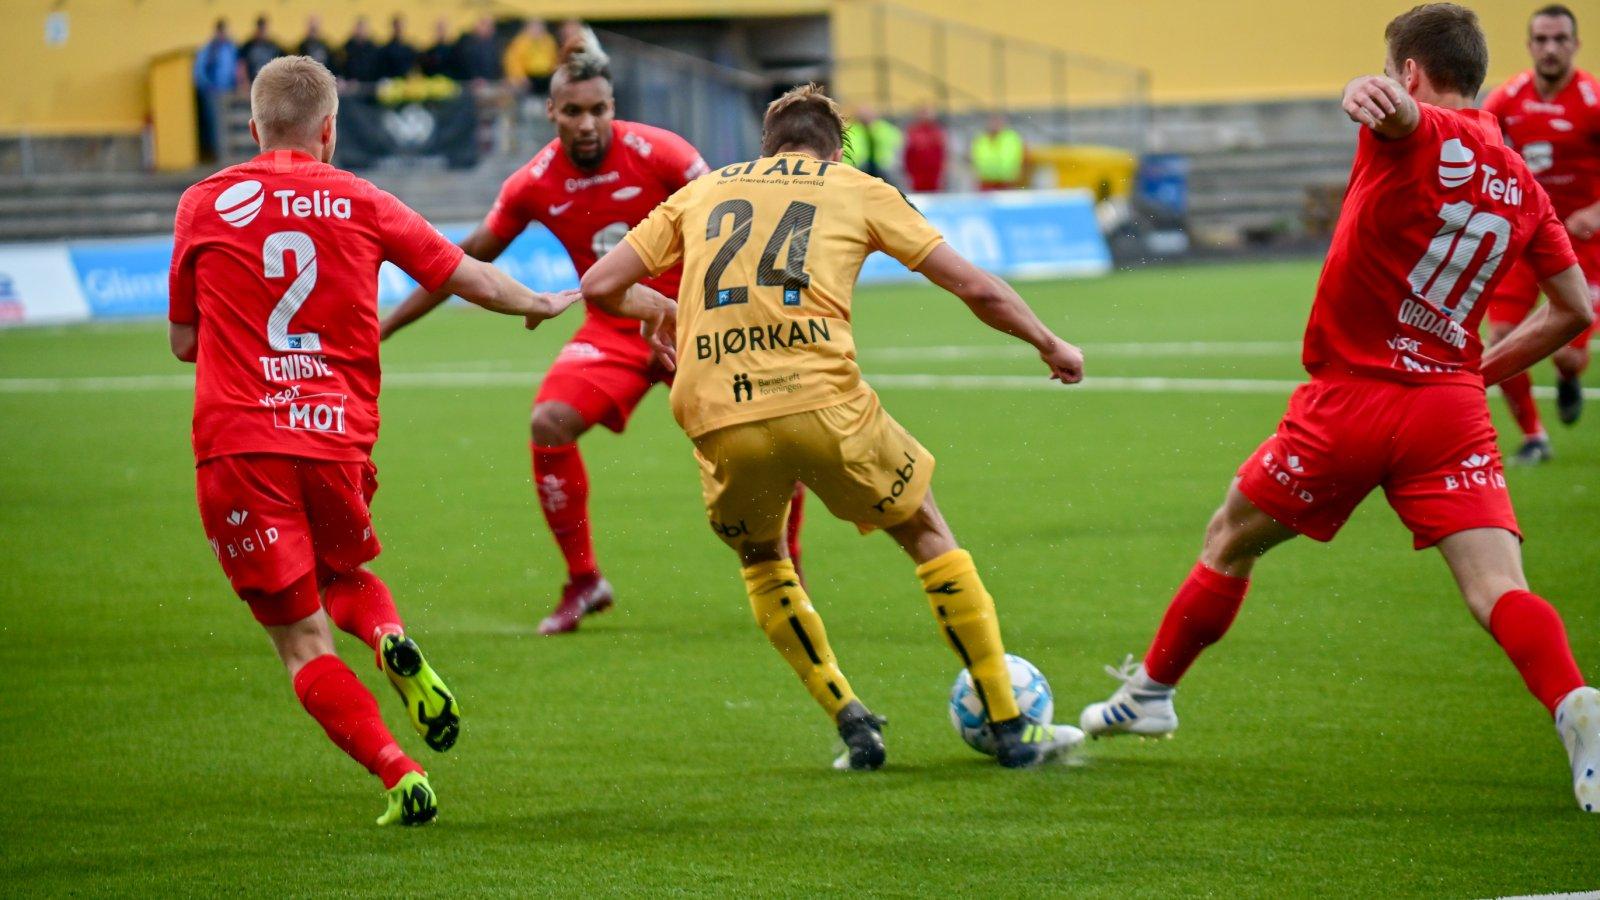 Bodø/Glimt hjemmekamp mot Brann 2019. Fredrik André Bjørkan.